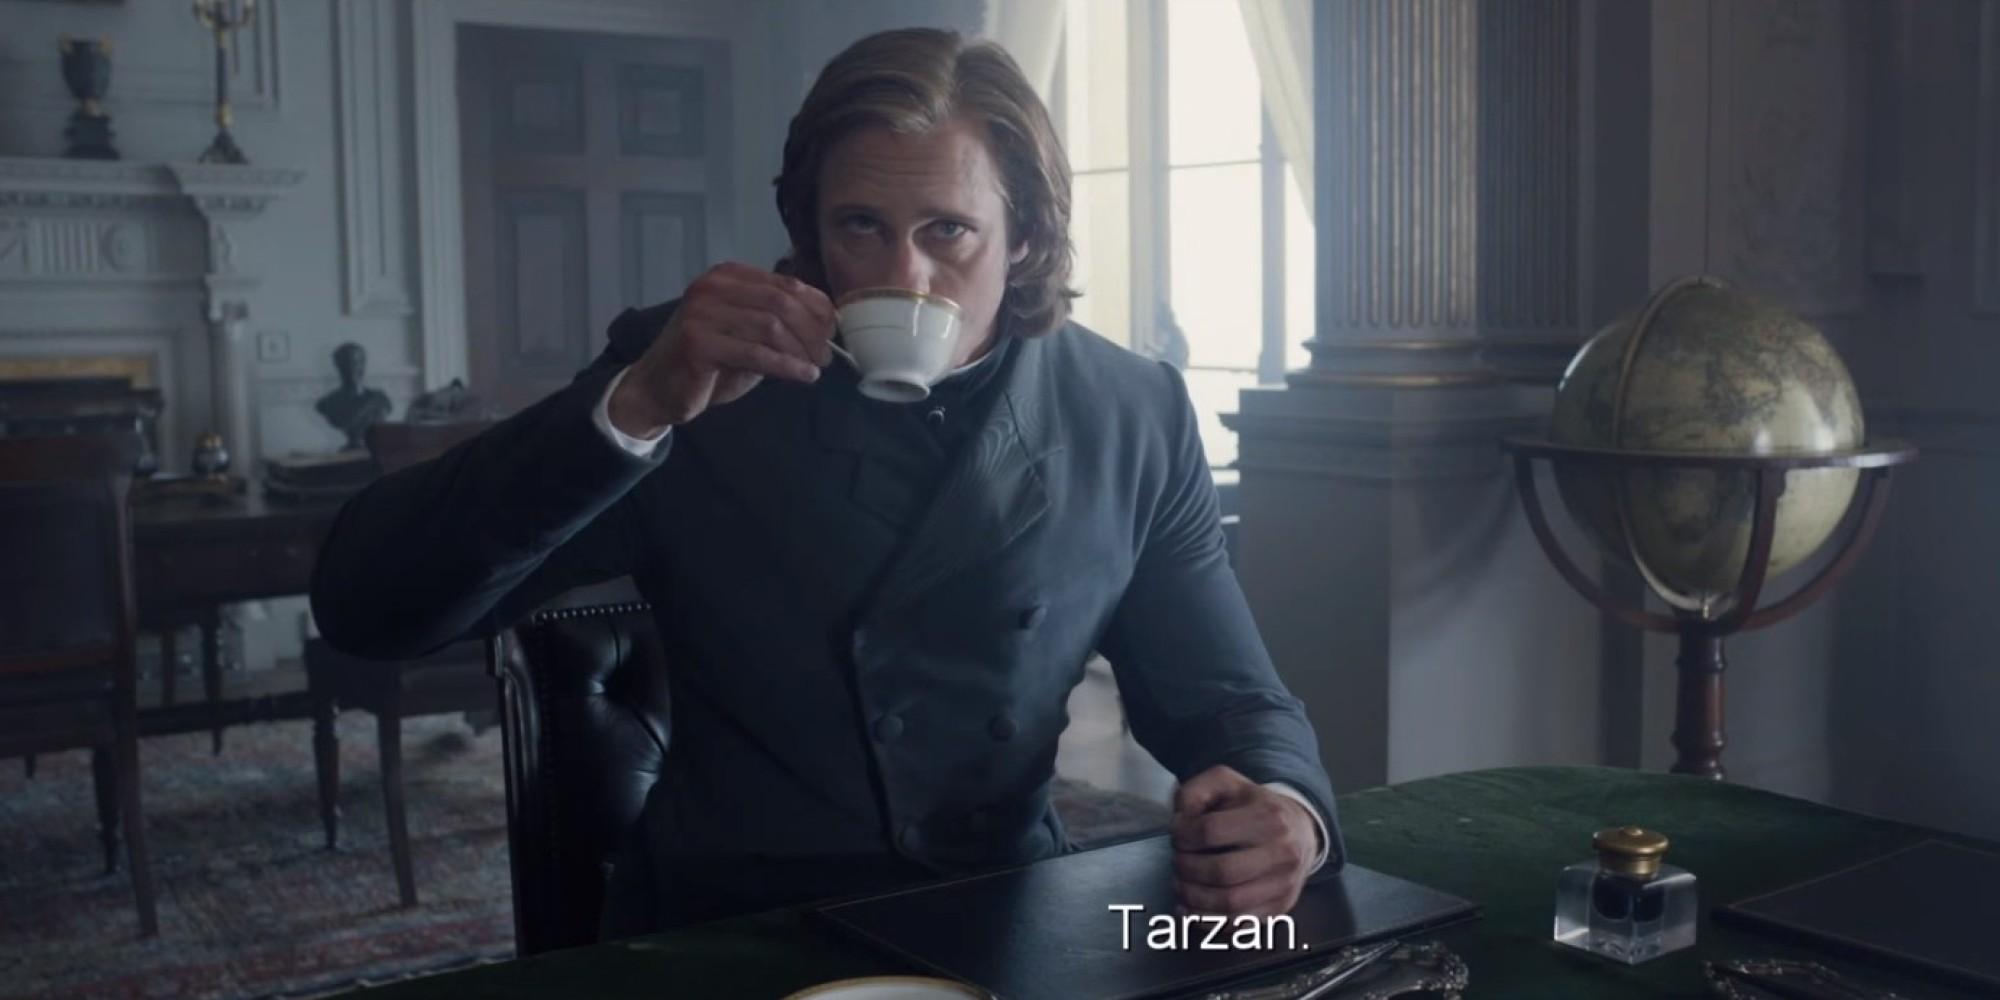 """2932x2932 Pubg Android Game 4k Ipad Pro Retina Display Hd: VIDÉO. """"Tarzan"""" Se Dévoile Dans Une Première Bande-annonce"""